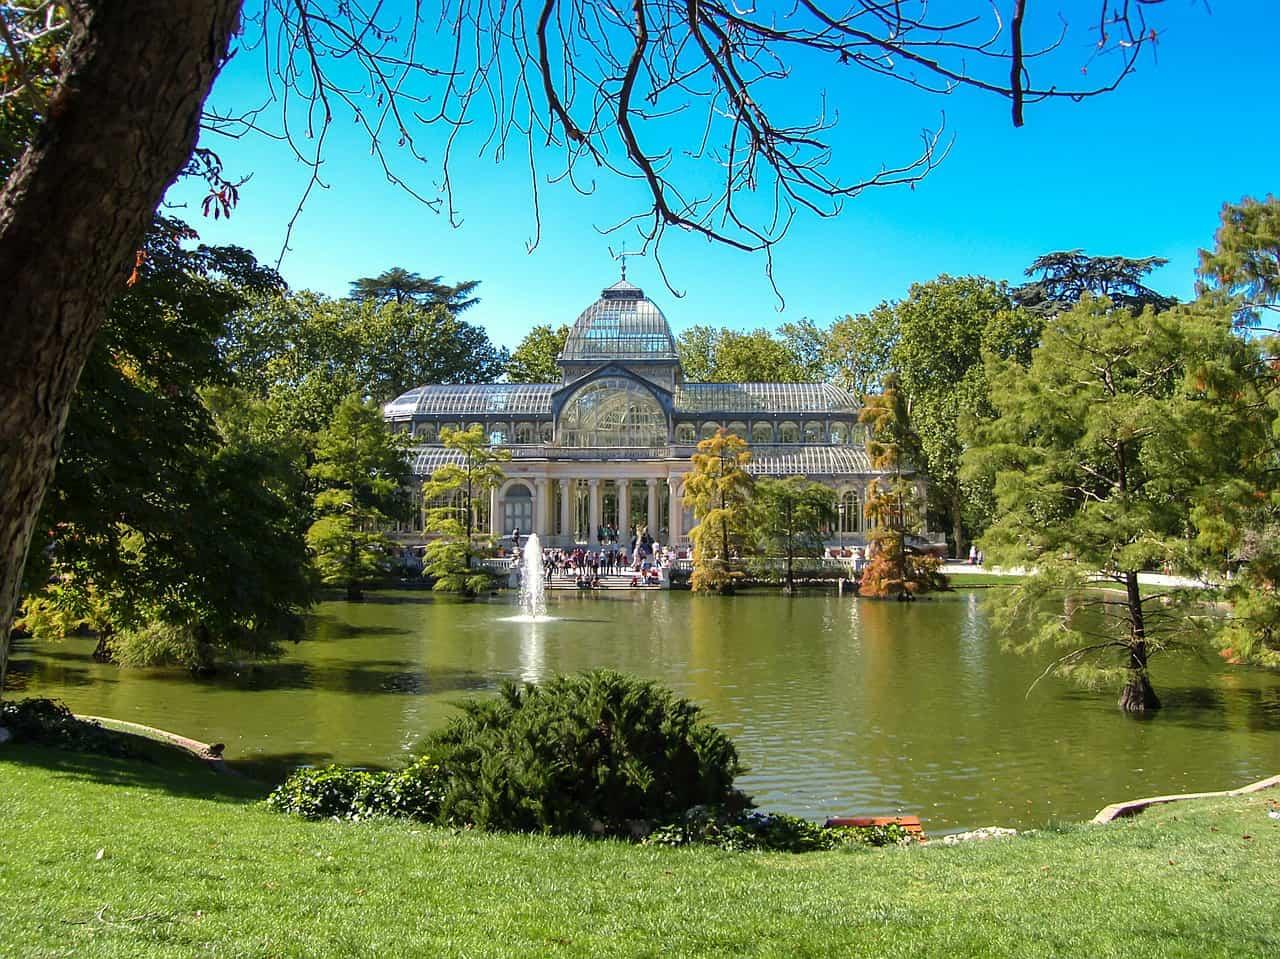 Madrid's El Retiro Park